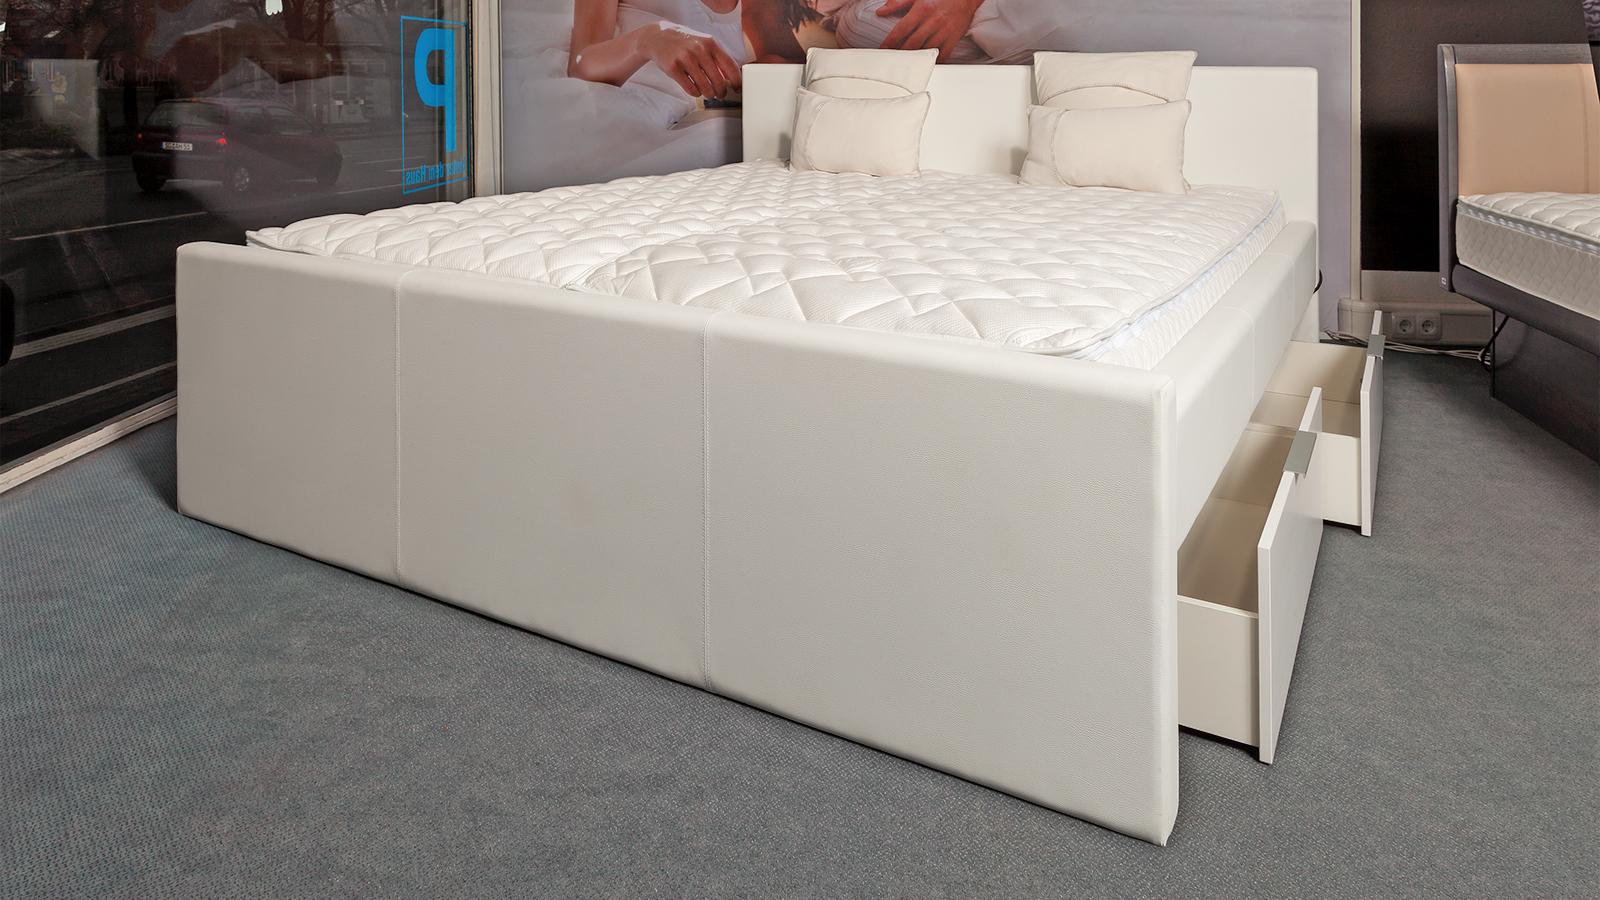 Full Size of Coole Betten Mikrom Solingen Günstige 140x200 Amazon 180x200 Ikea 160x200 Luxus Hohe Billige Billerbeck De Außergewöhnliche Für Teenager Gebrauchte Bett Coole Betten